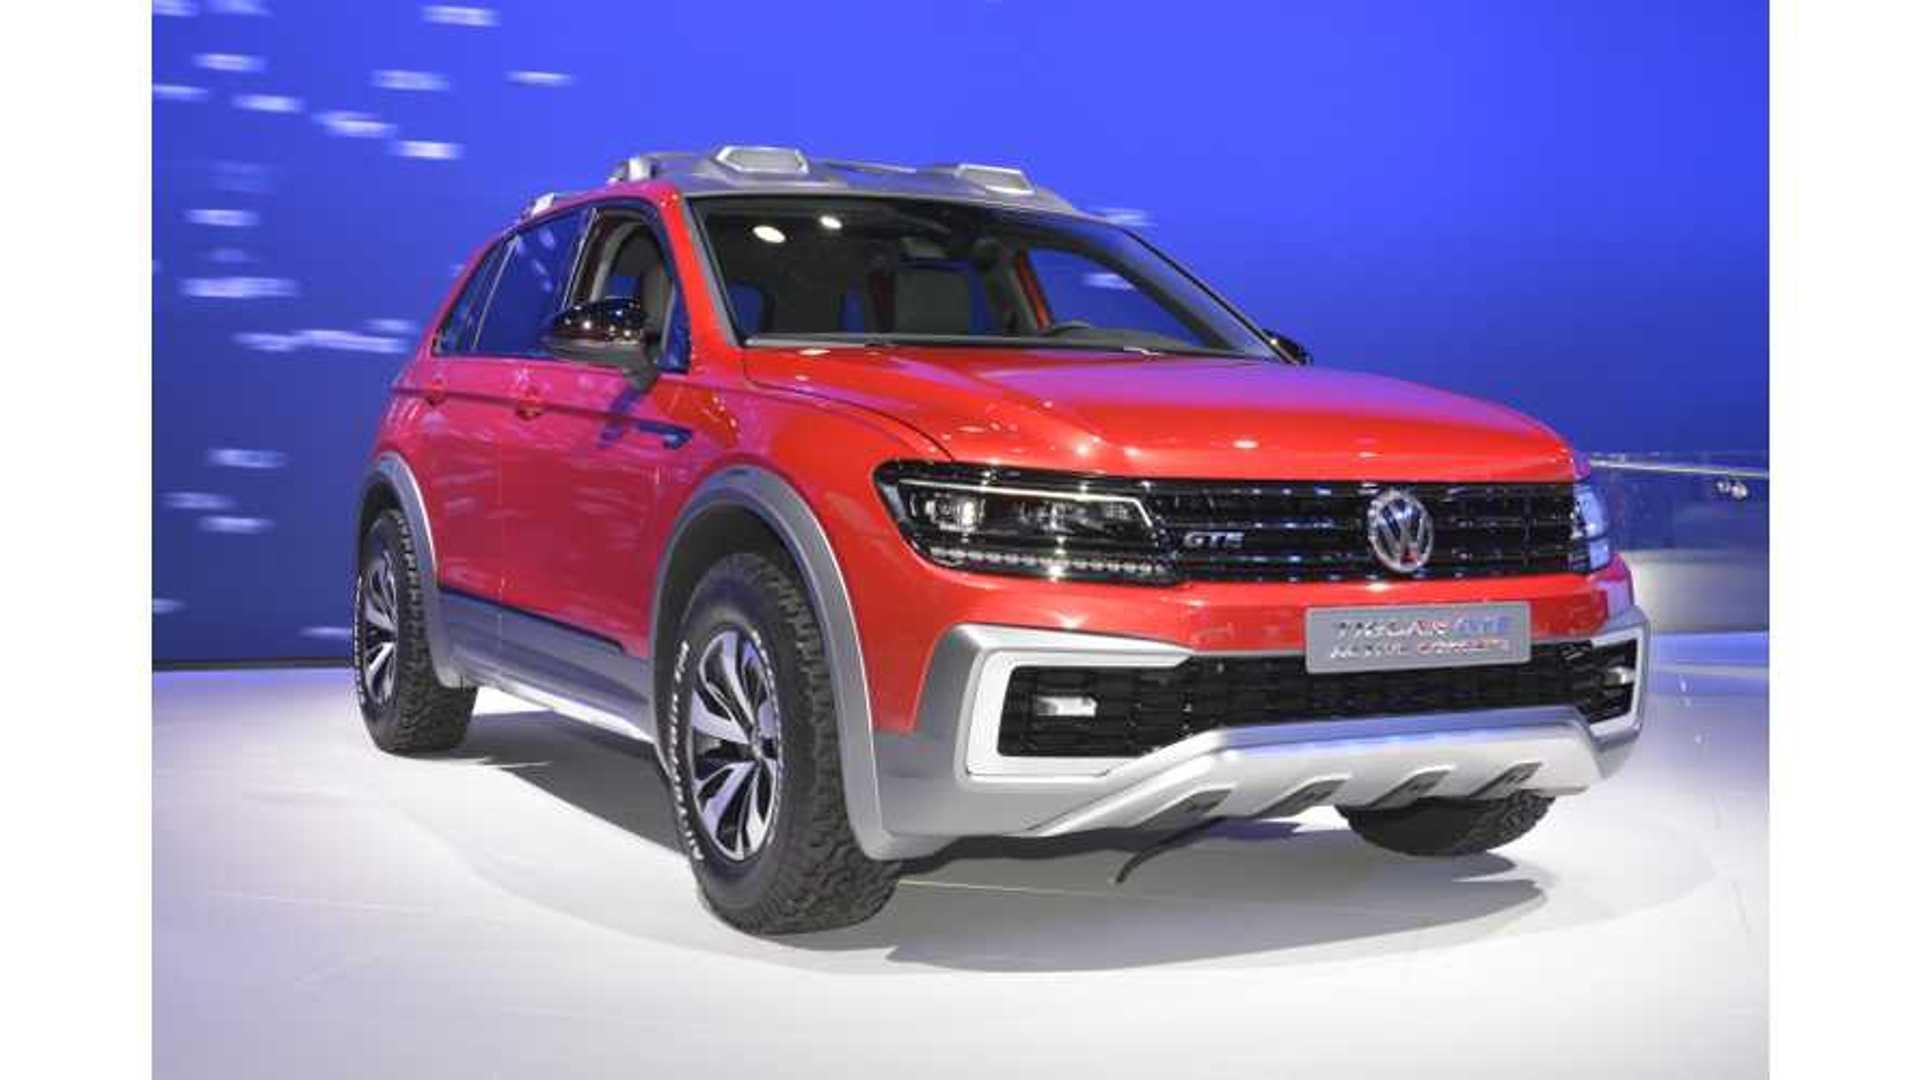 Volkswagen Tiguan Gte Active Concept Debuts In Us 20 Miles All Electric Range